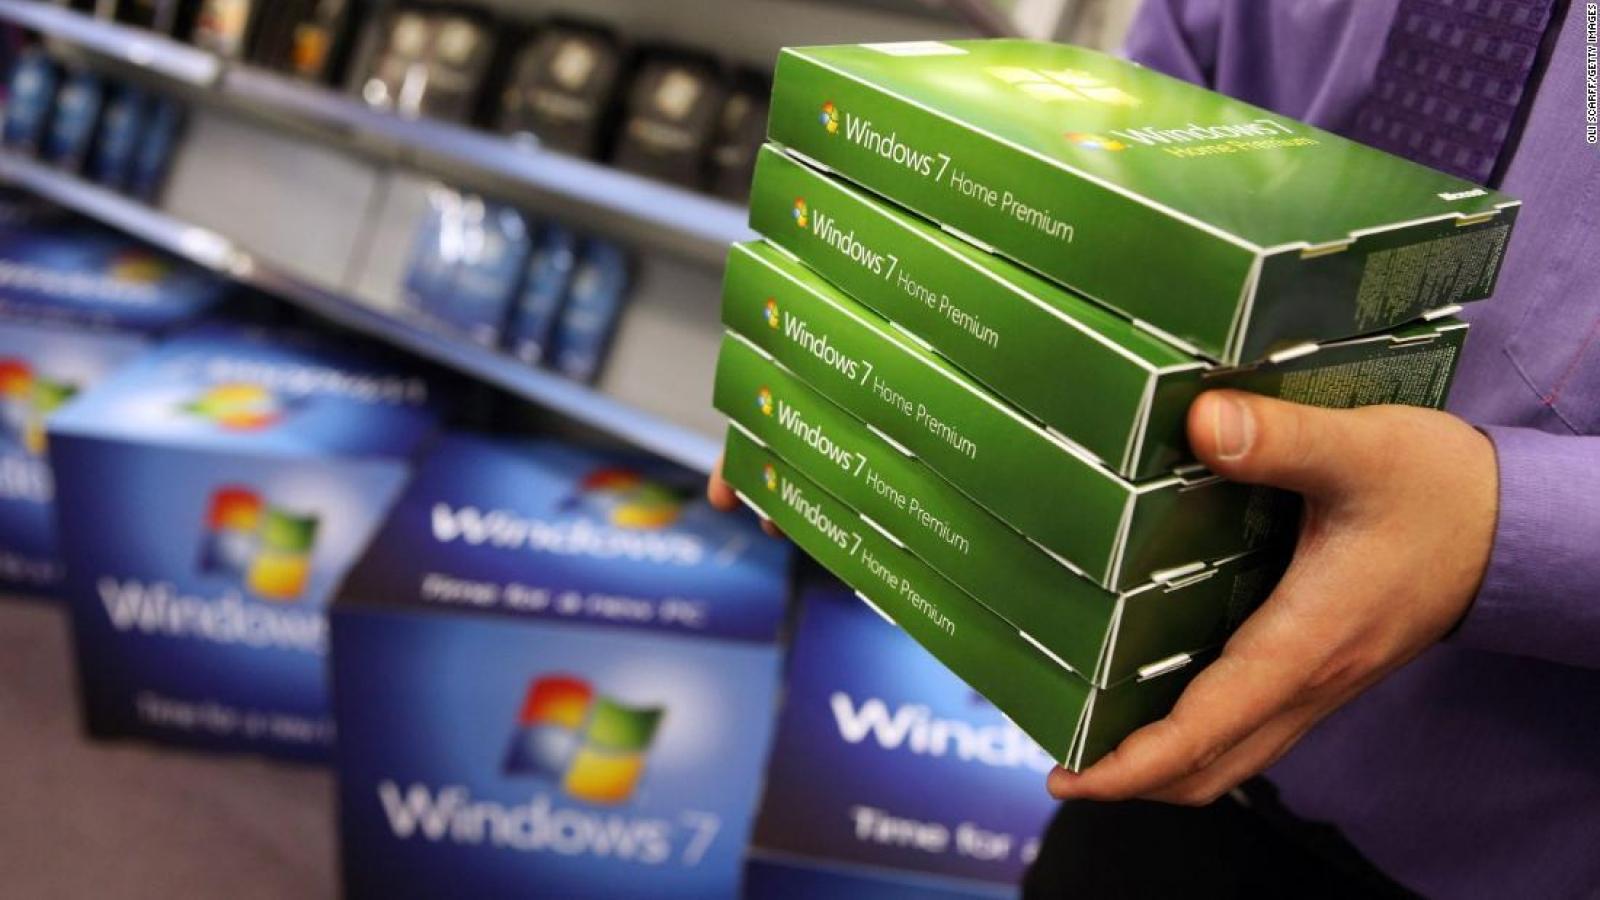 Phát hiện lỗ hổng bảo mật trên Windows 7, ảnh hưởng hàng triệu người dùng